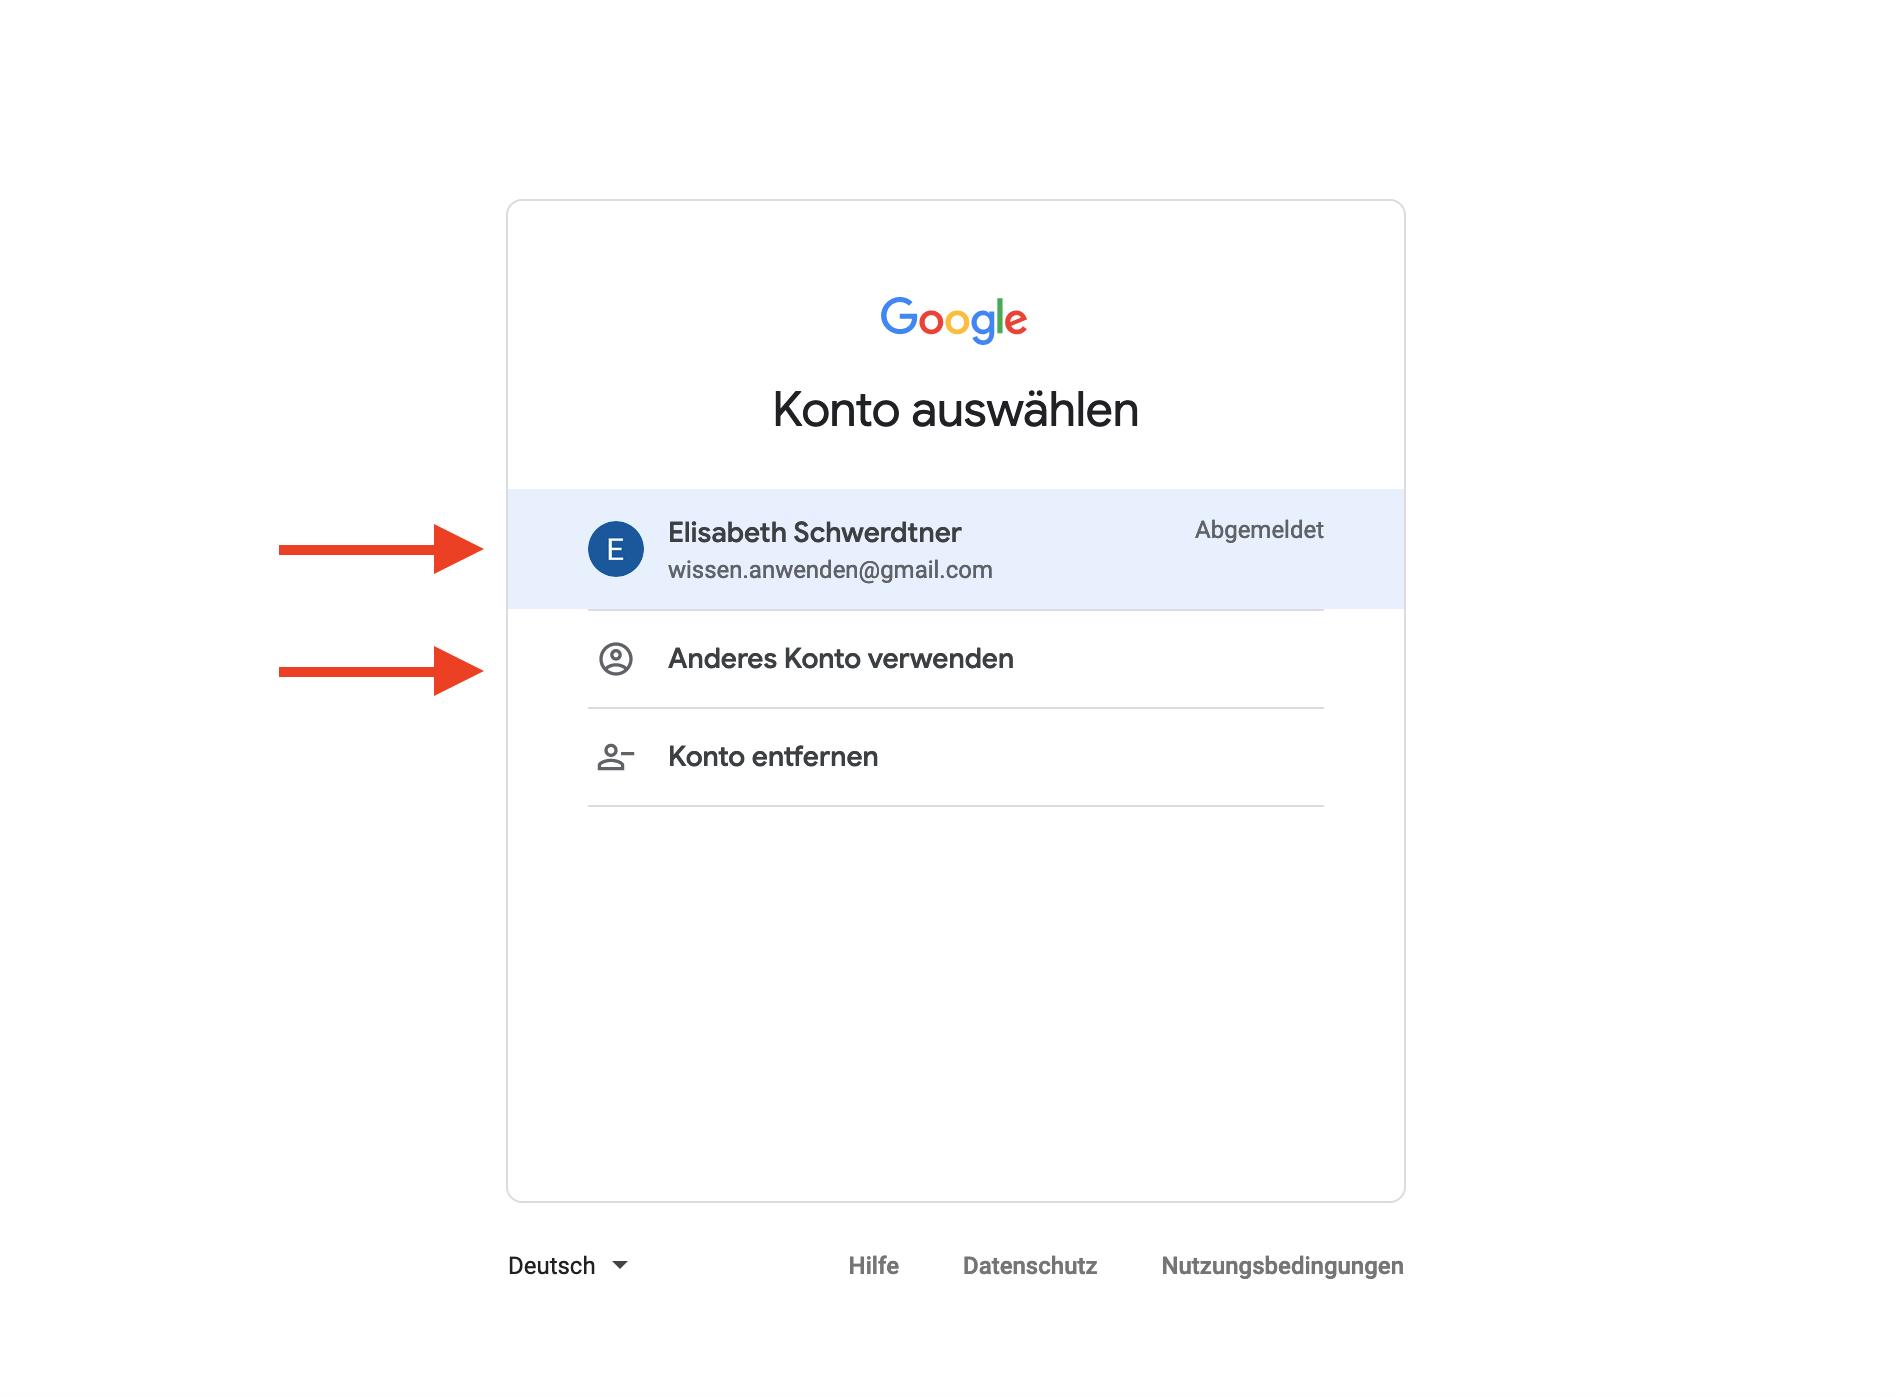 Anmelden Google Konto